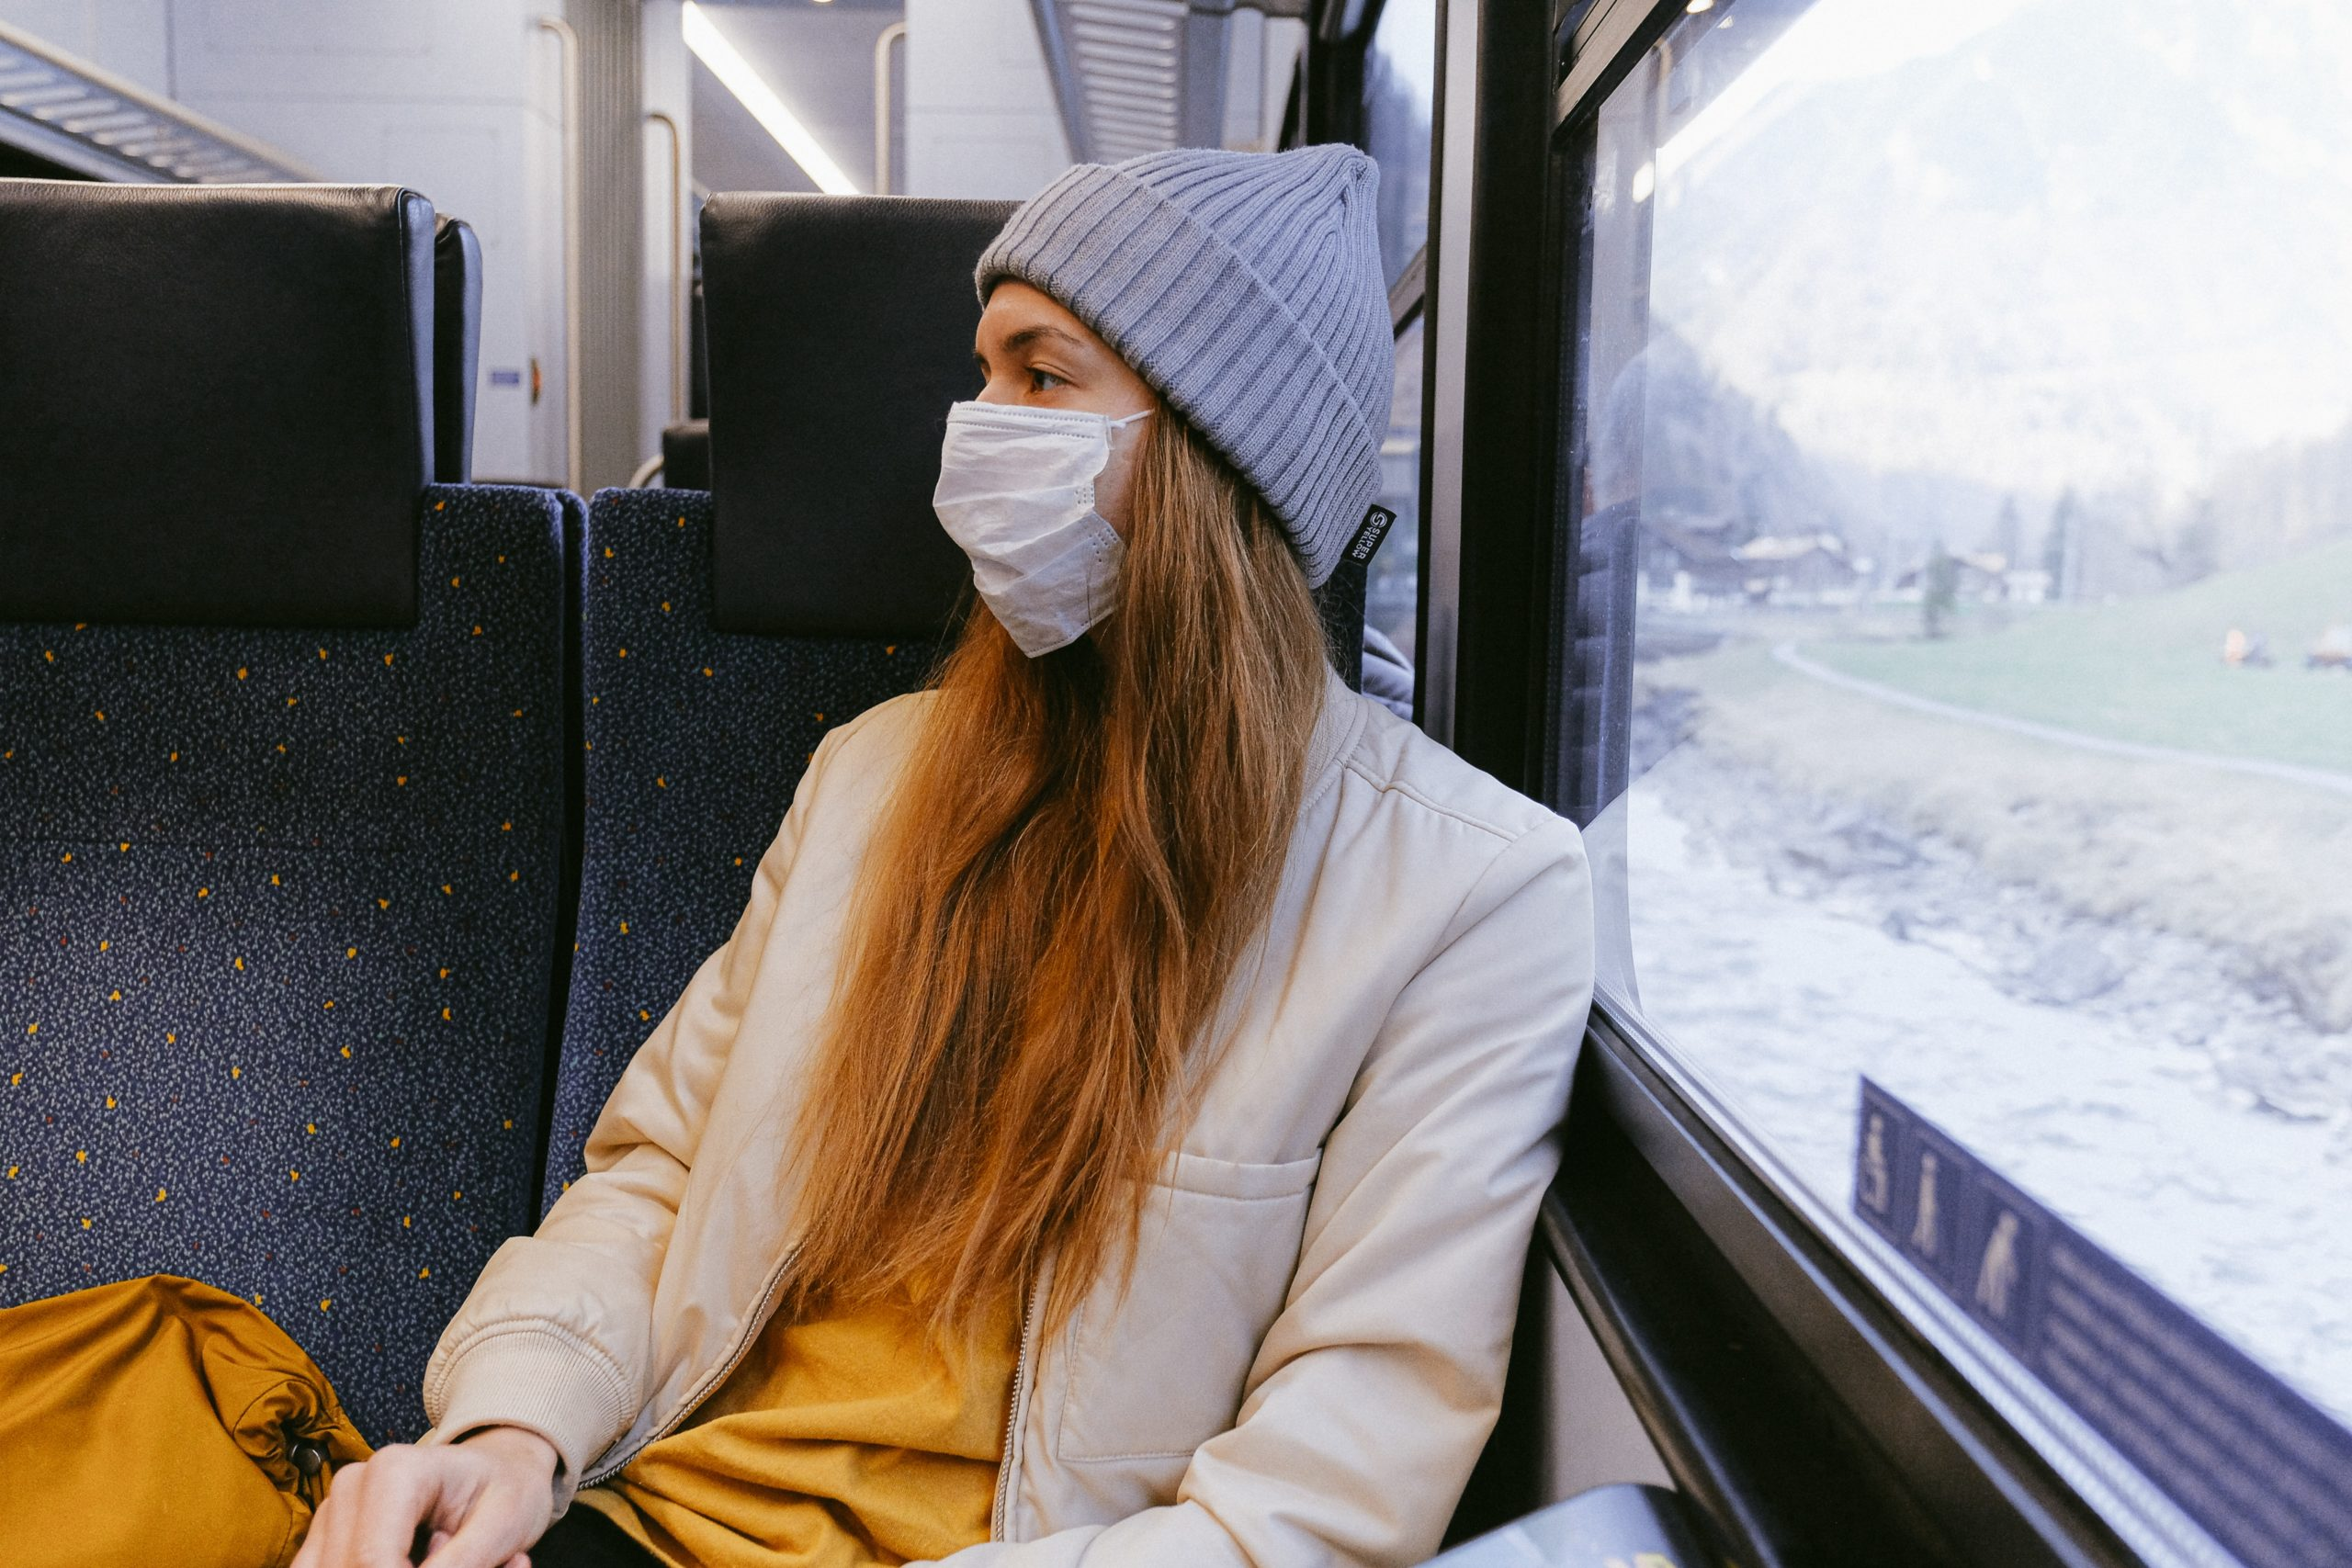 有松絞り(有松鳴海絞会館)マスク通販は?河村市長のマスクのつけ方で話題に!